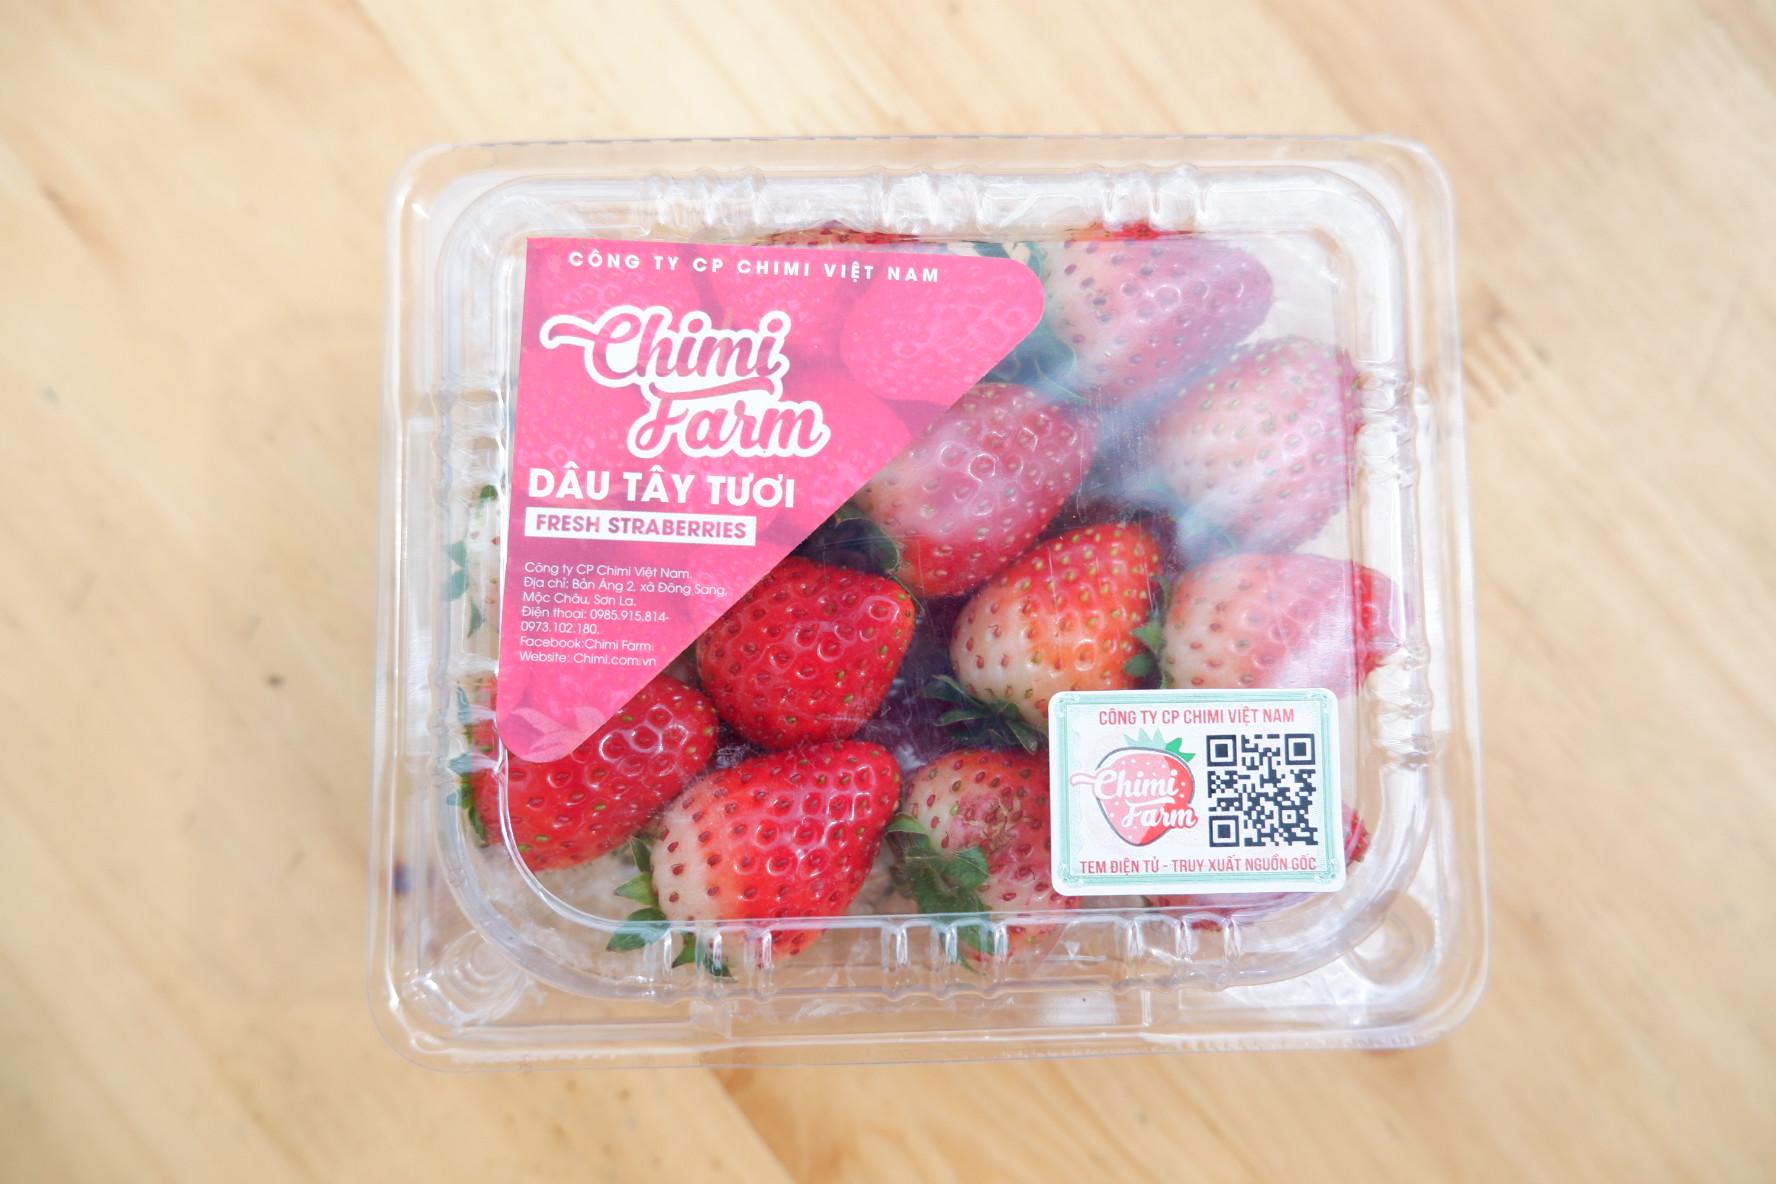 Tem dán tên thương hiệu Chimi Farm